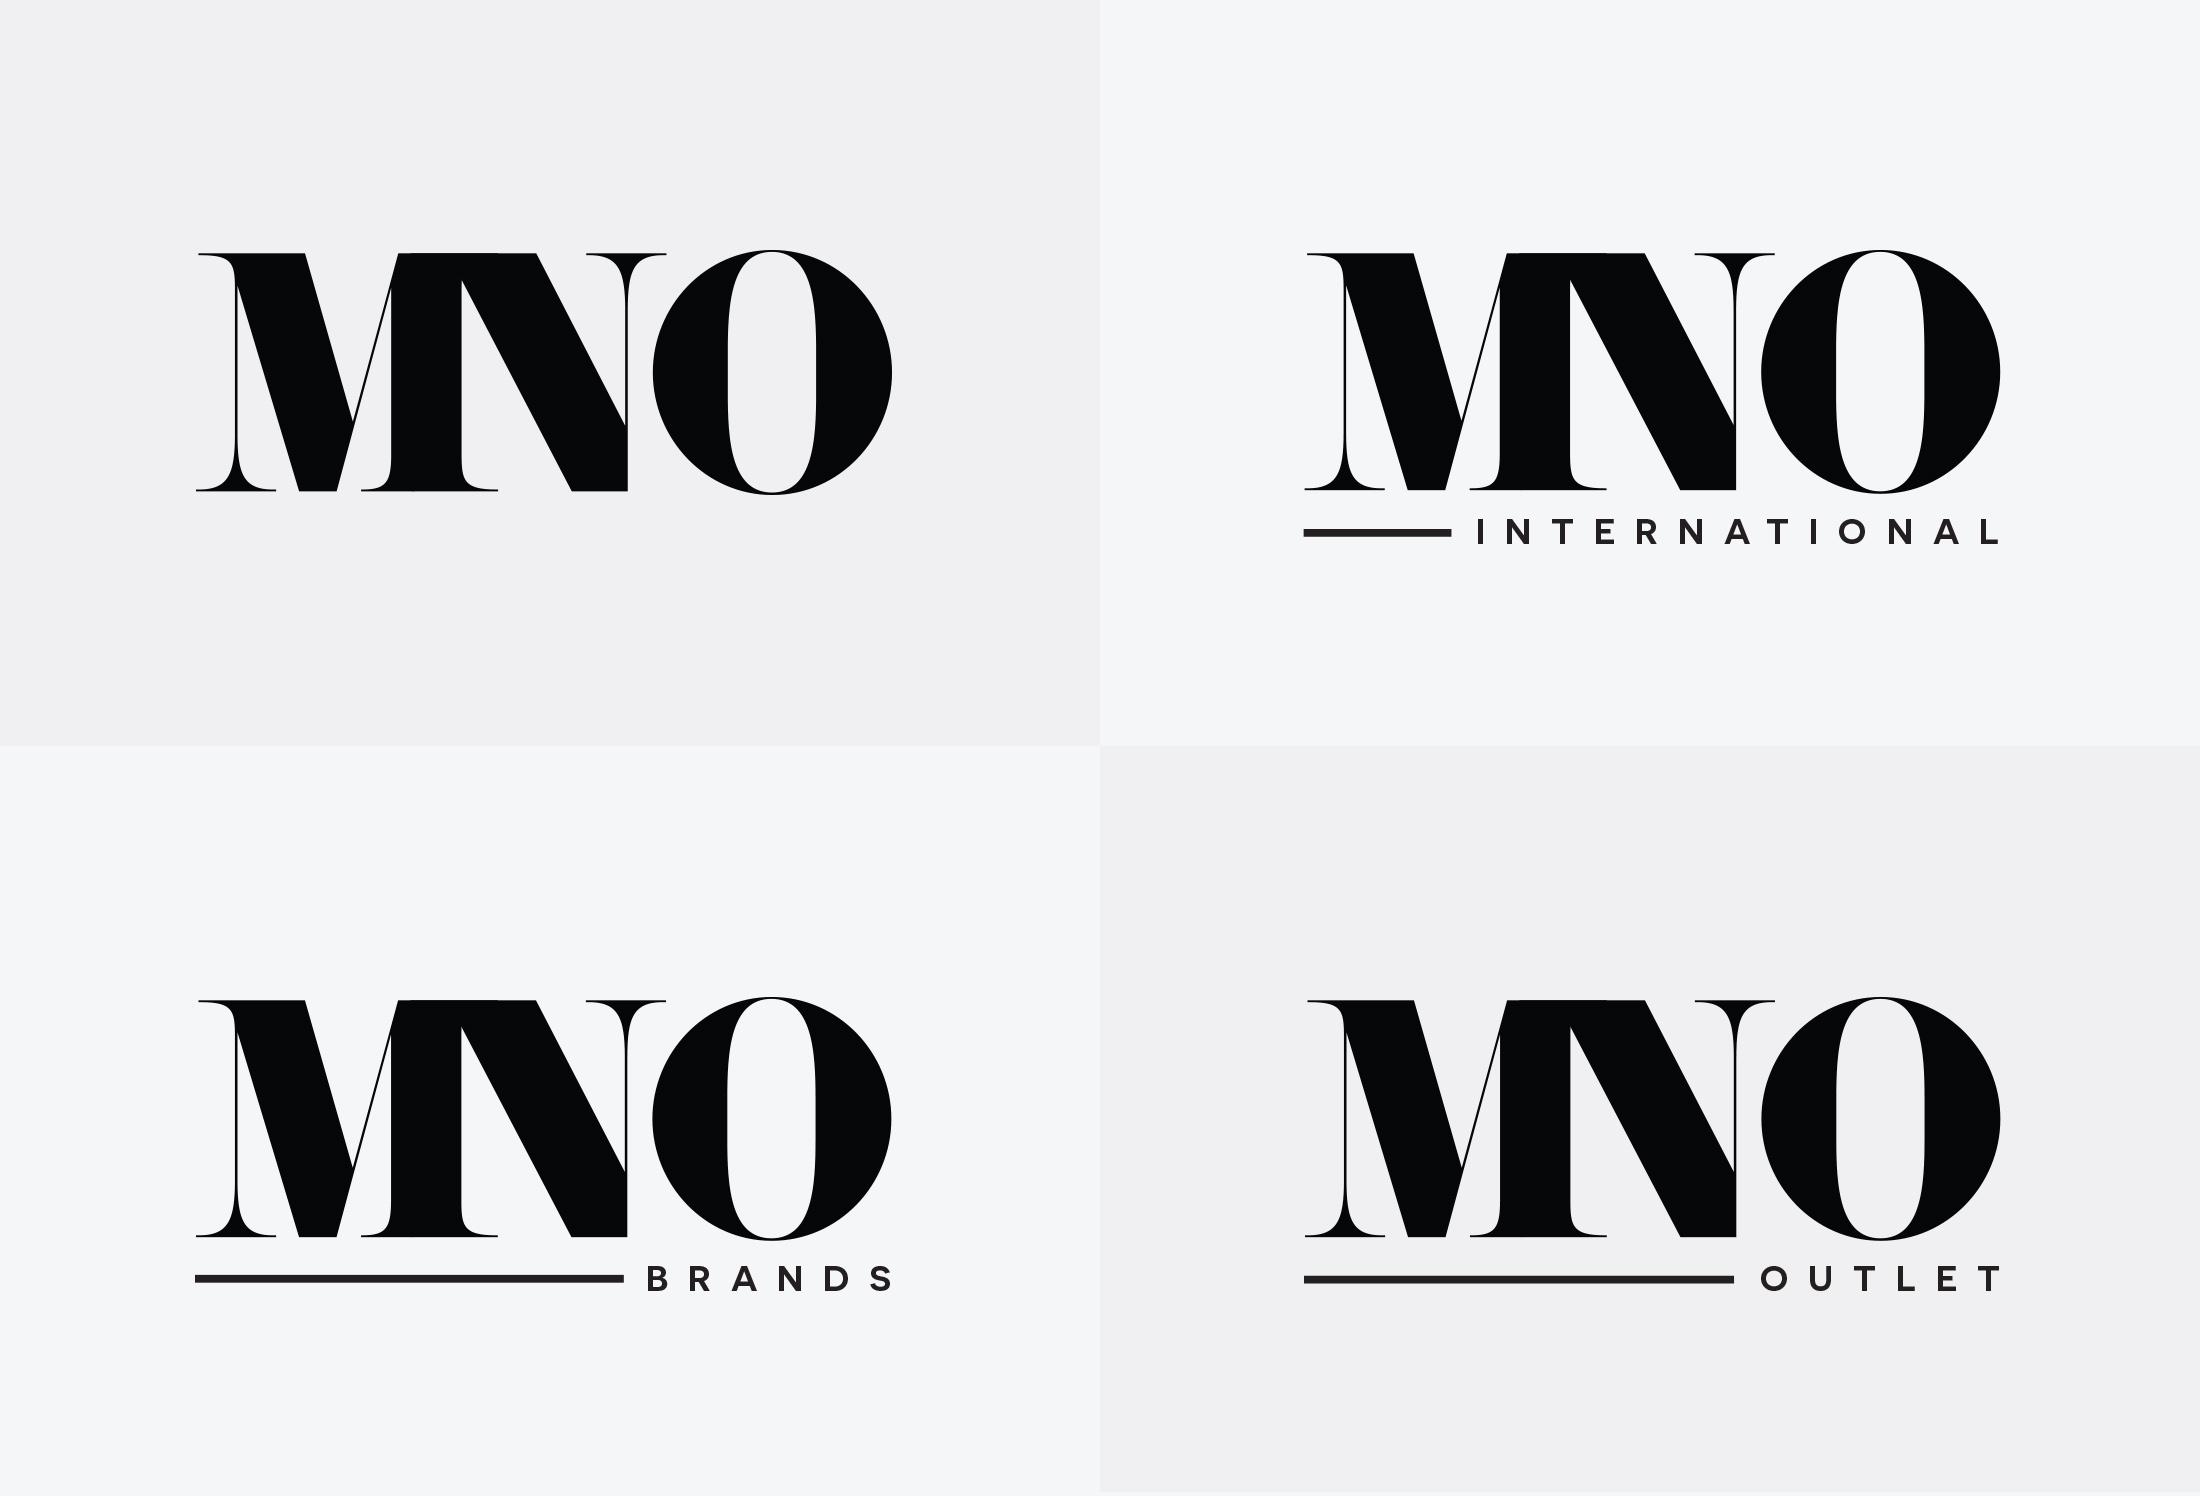 mno-branding